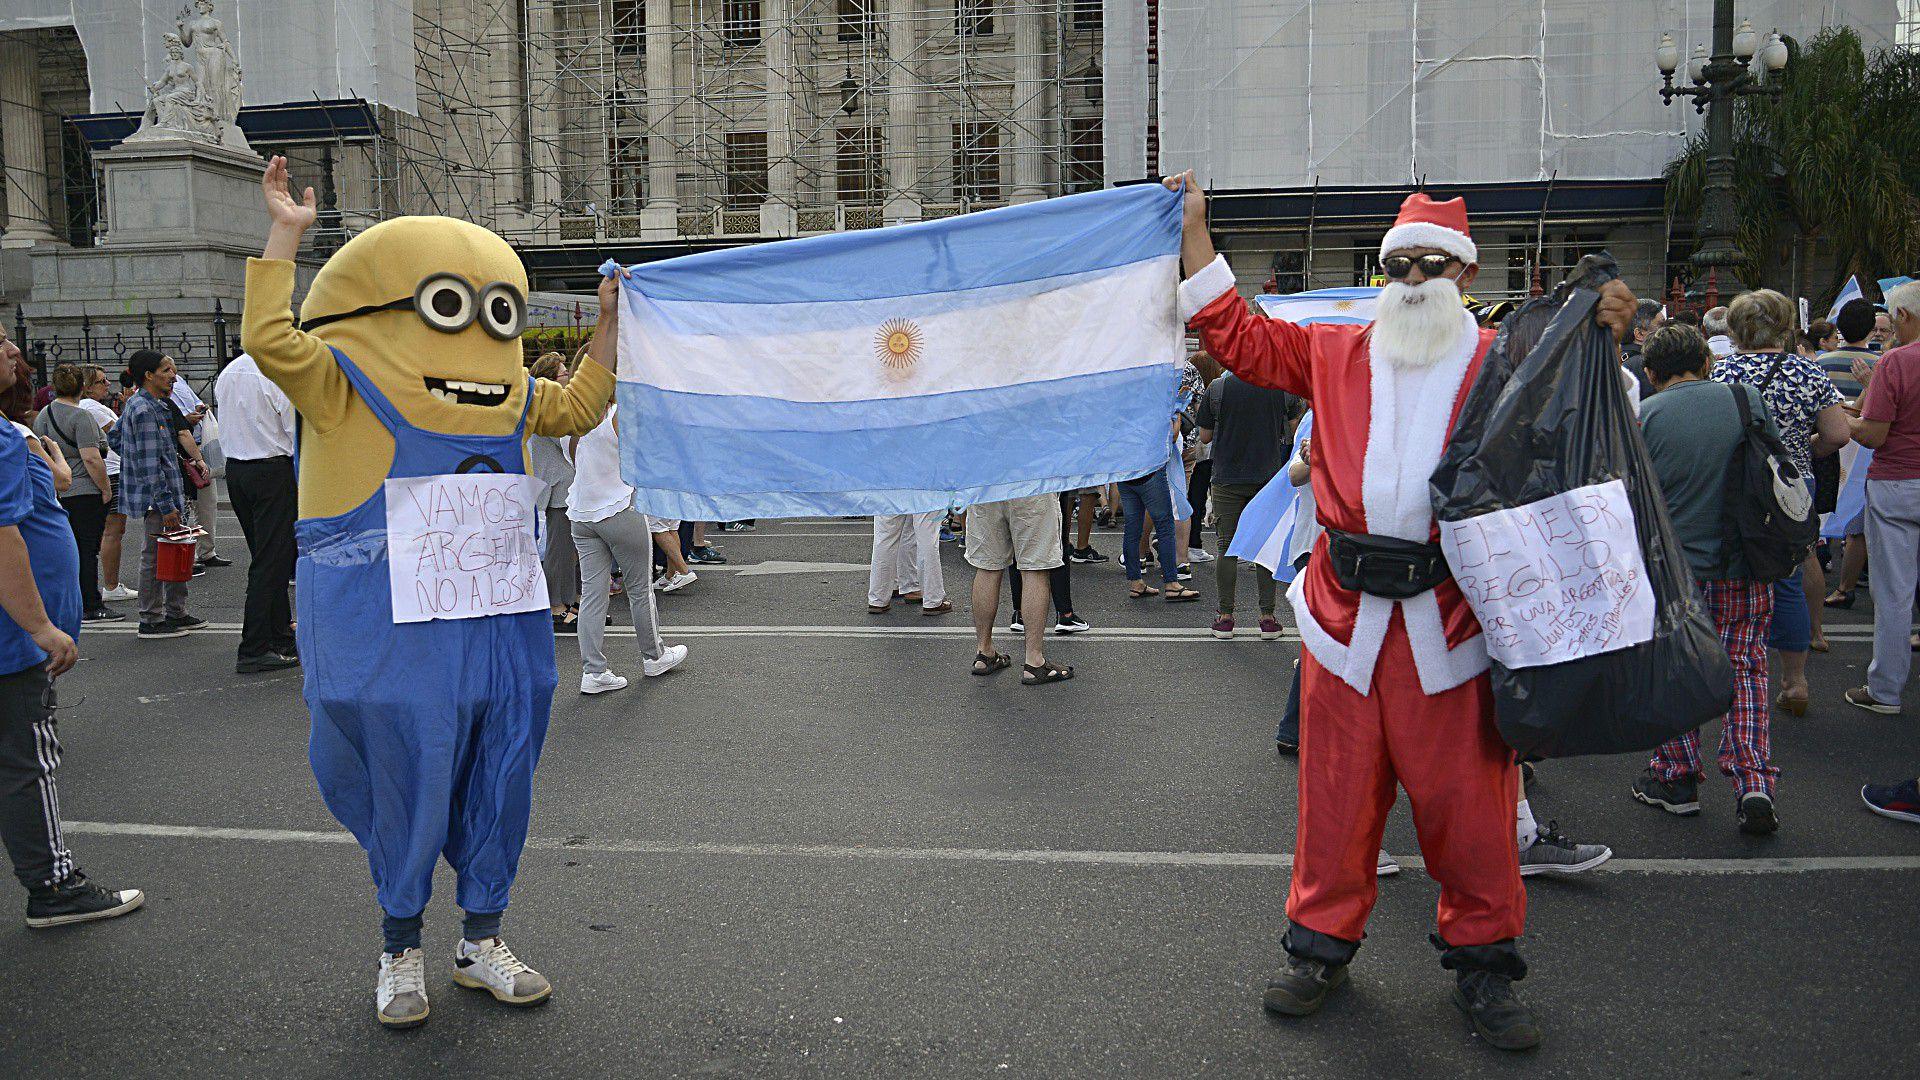 Un Minion y un Papá Noel con una bolsa ficticia de regalos también rechazó el proyecto de ley